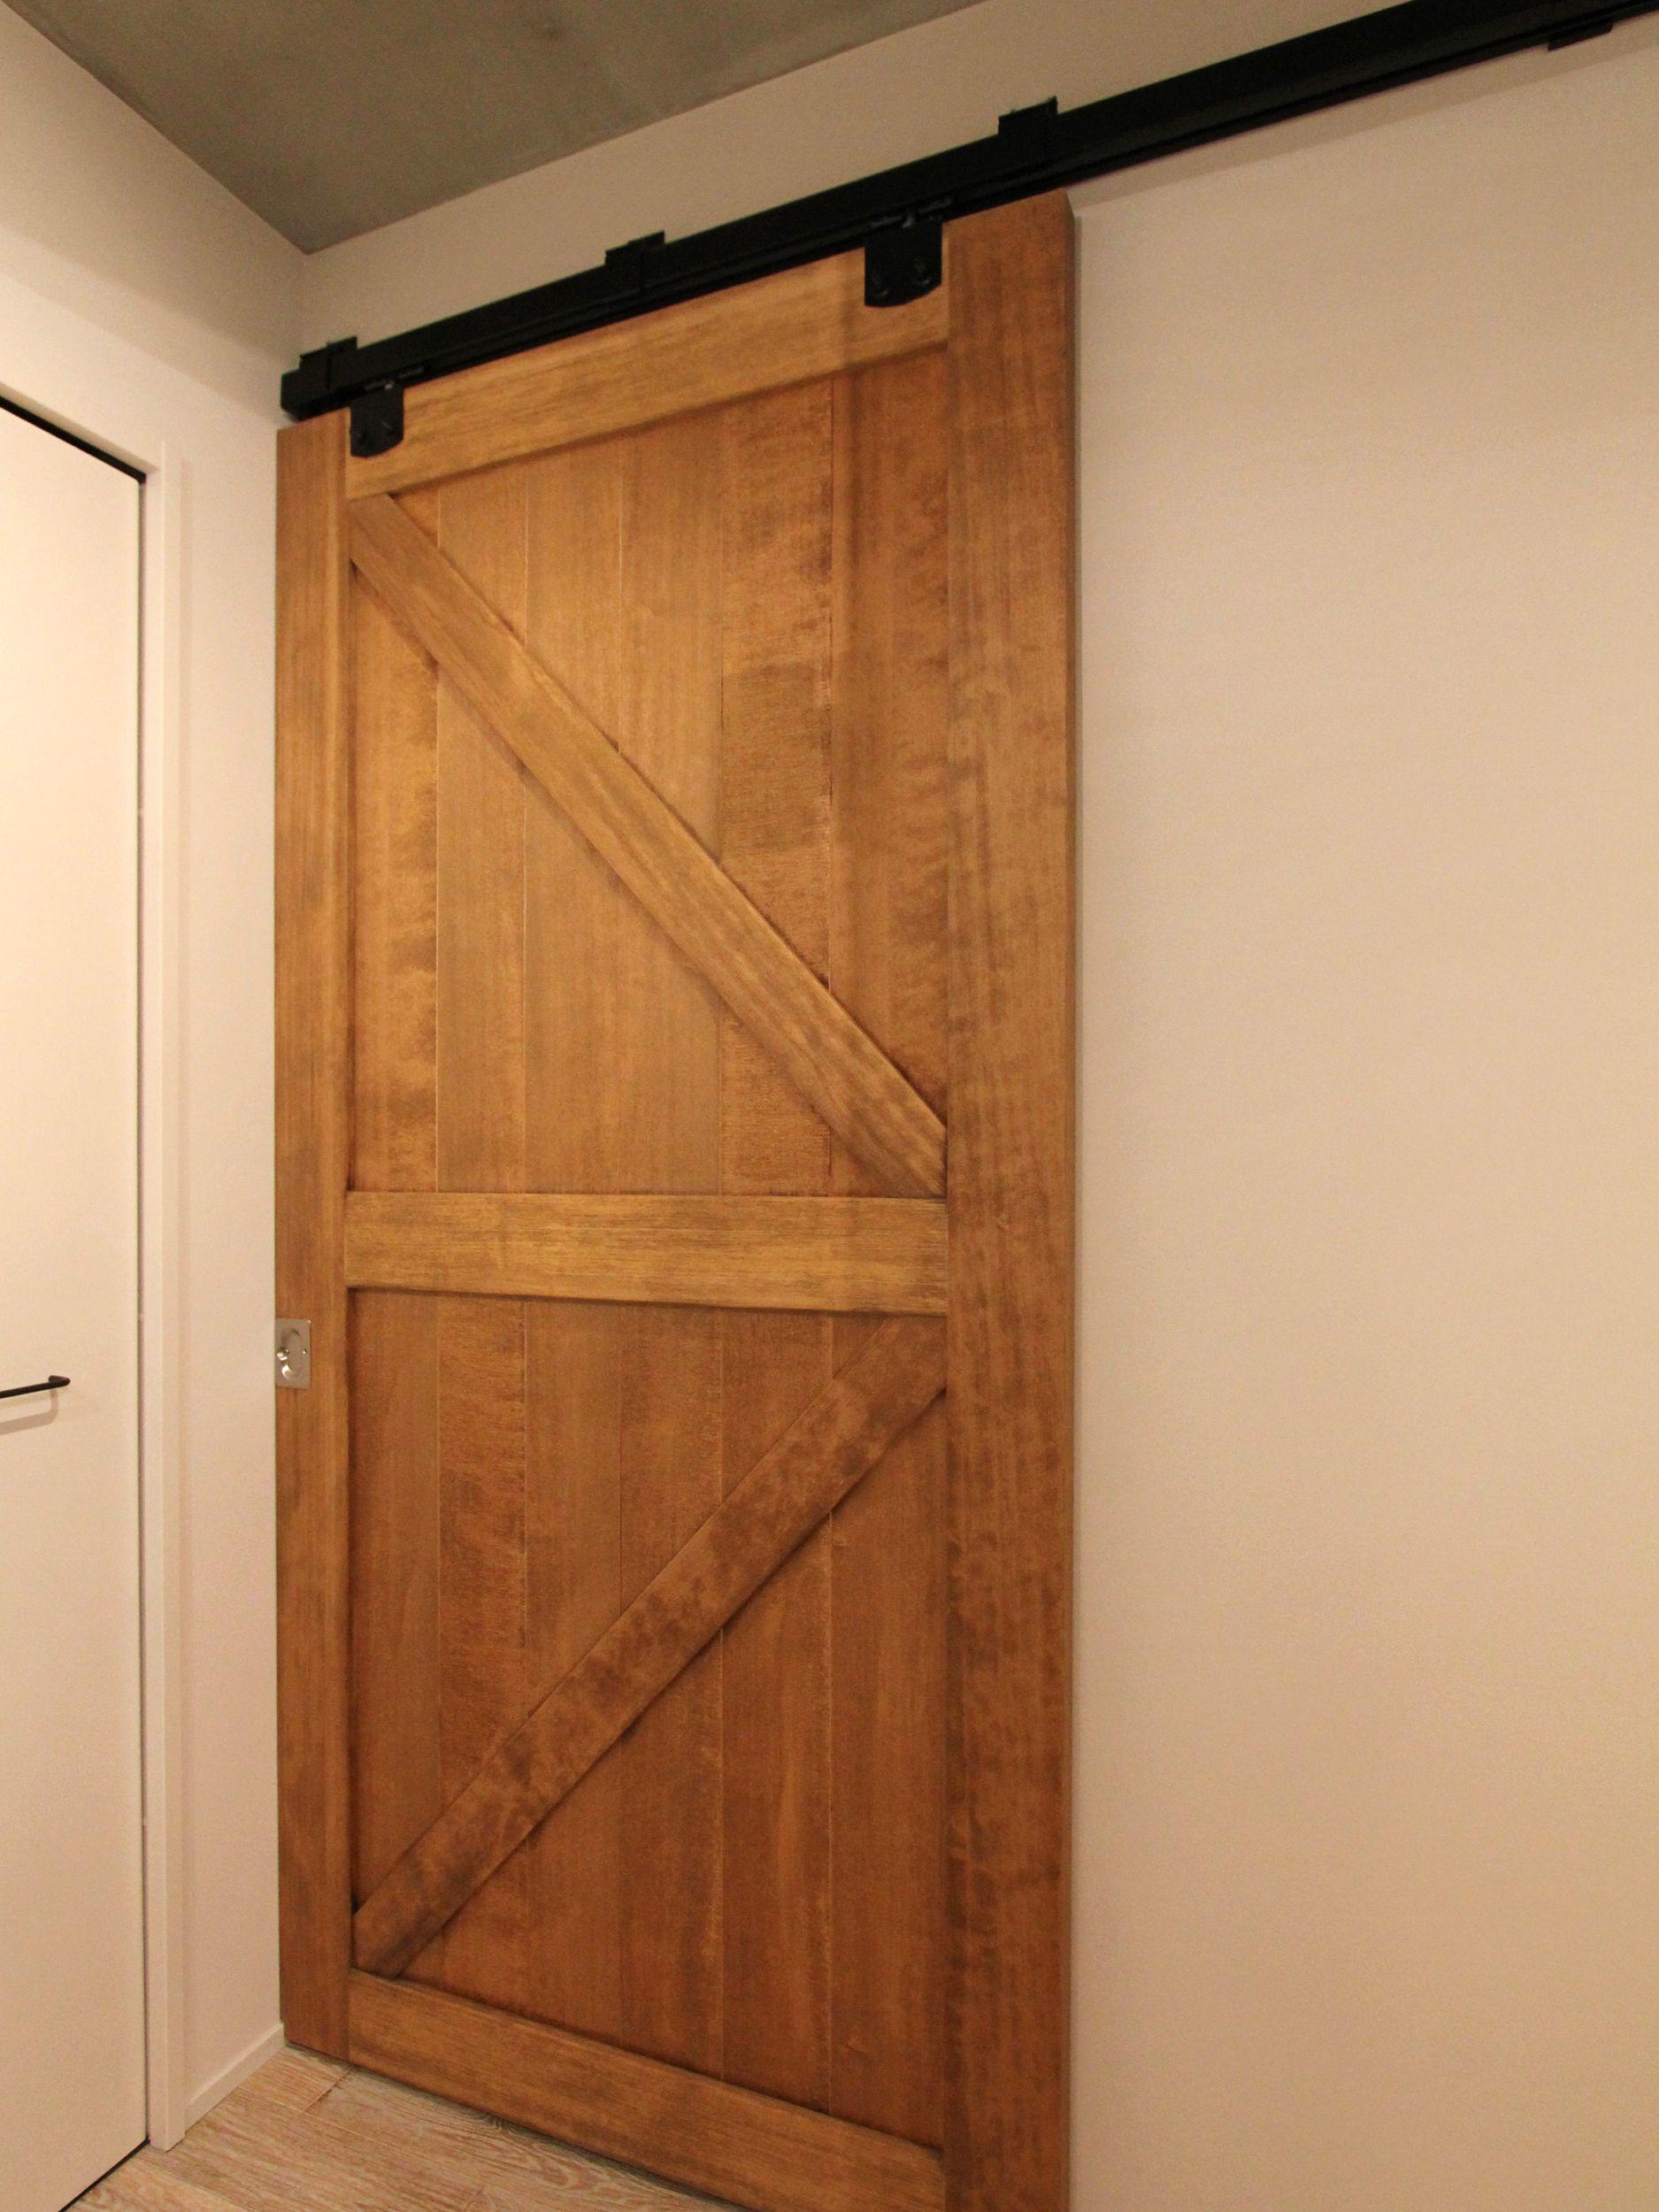 ホテルライクなバスルームに インテリア 家具 ドアノブ アンティーク 室内ドア